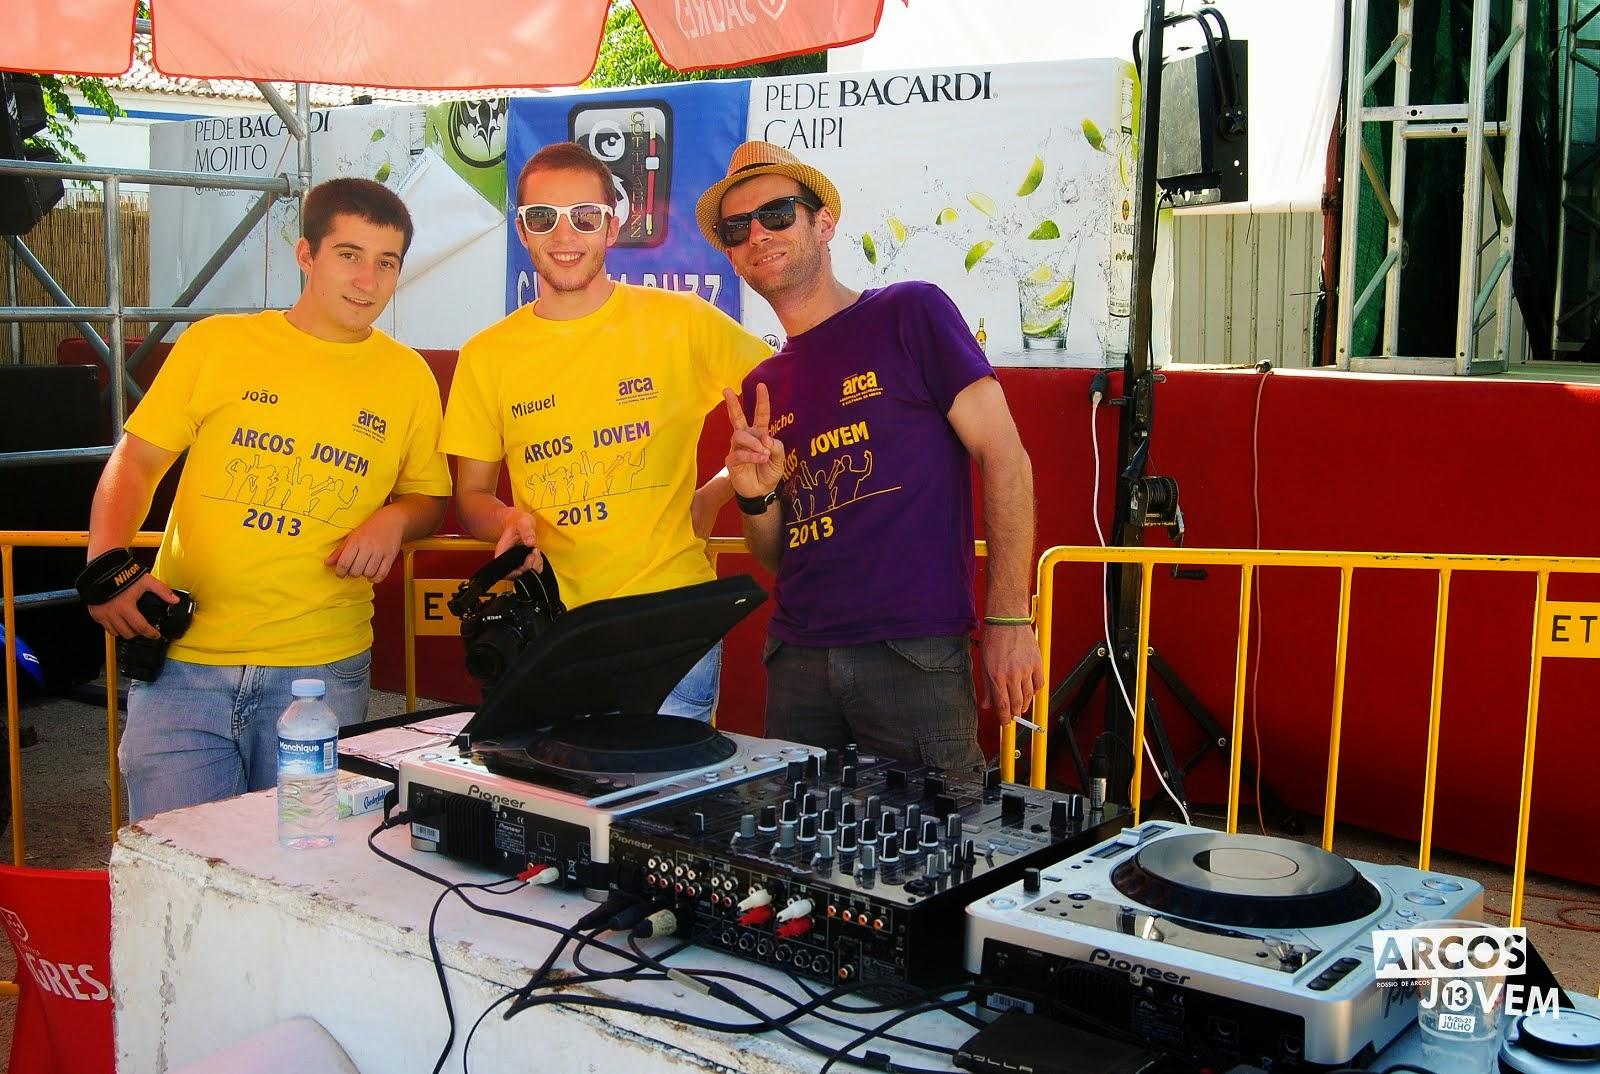 João, Miguel & Dj_MC